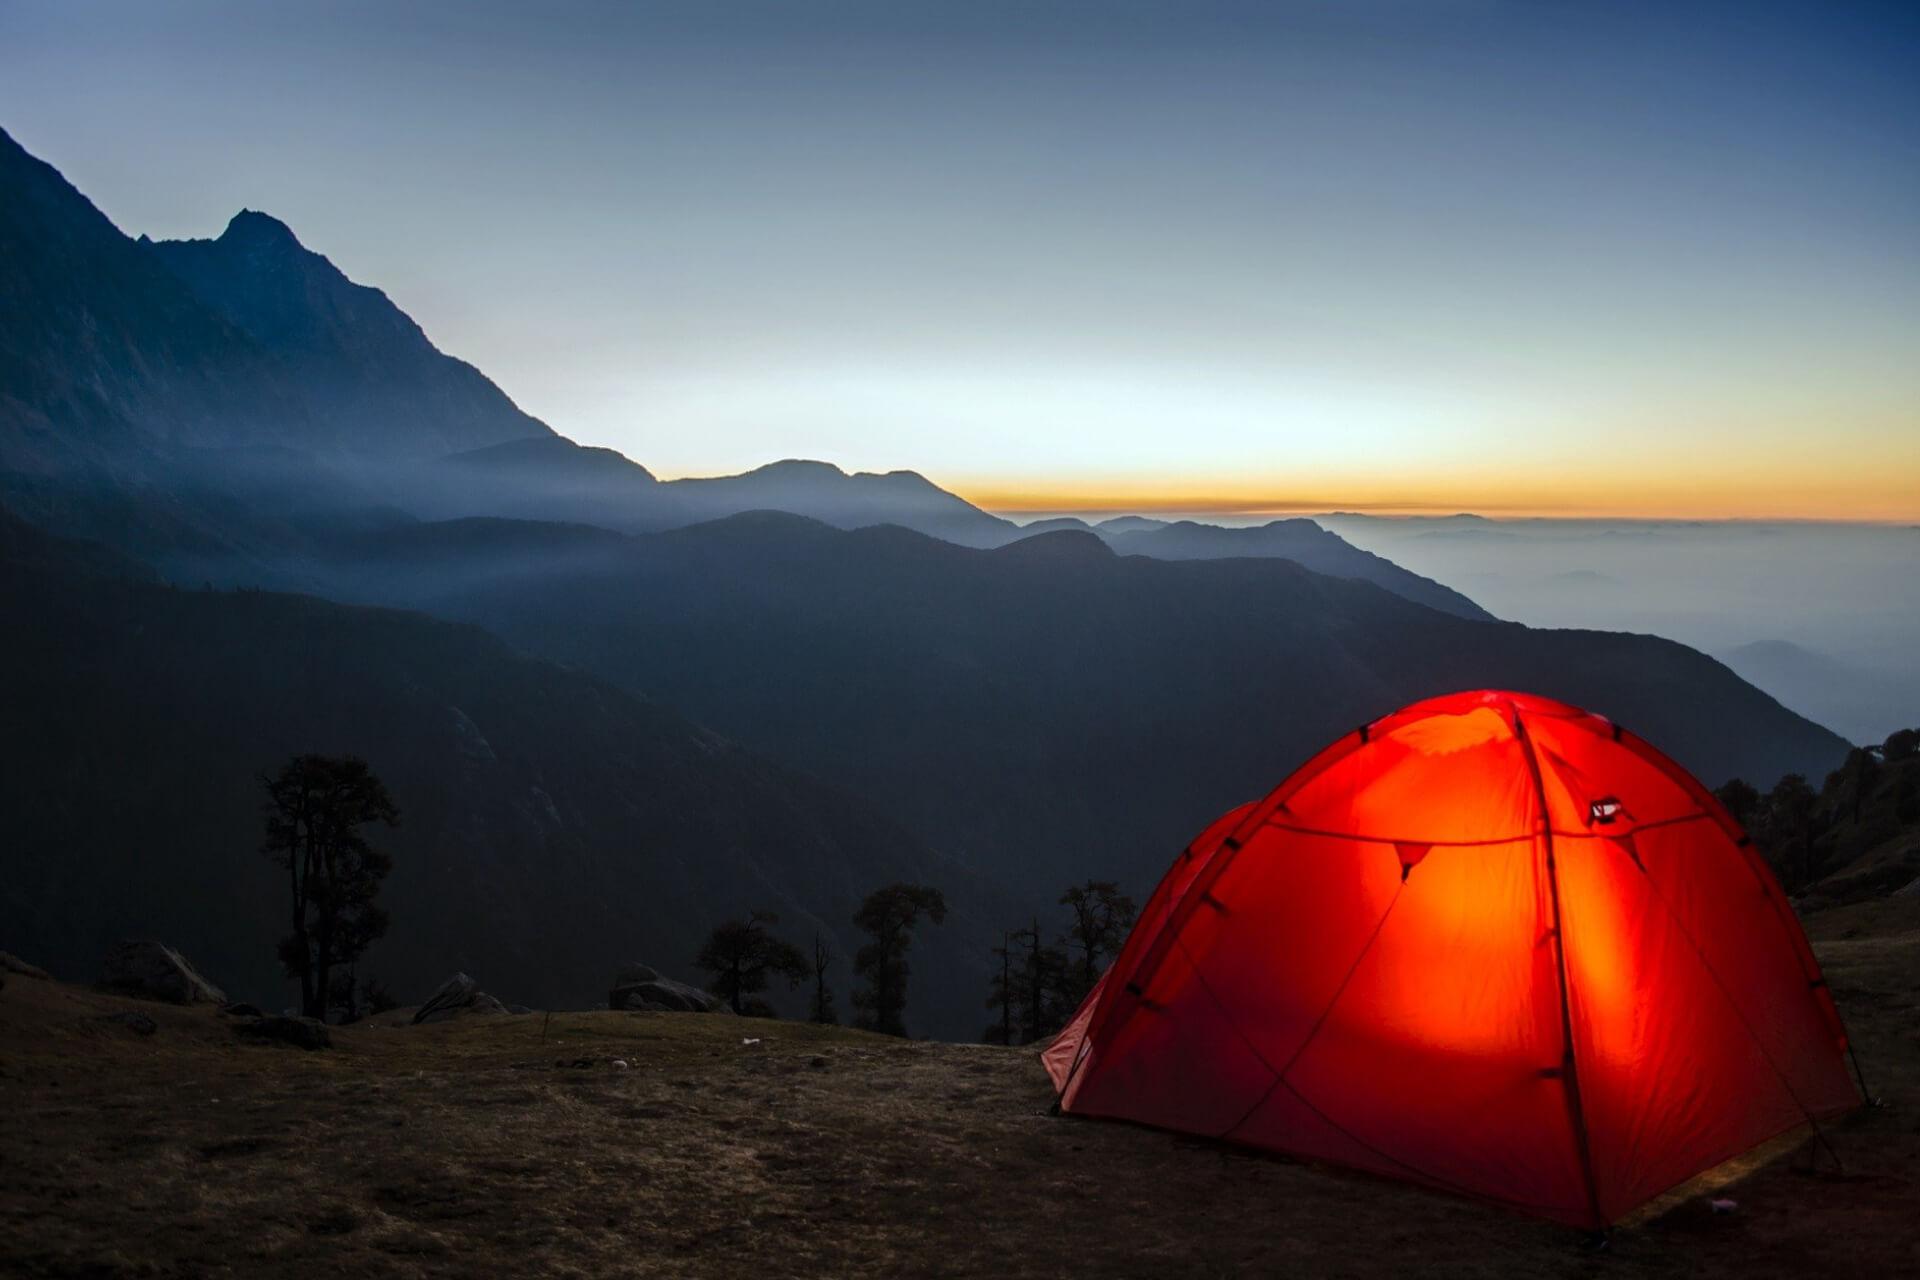 С палаткой по стране. Спрос на товары для туризма